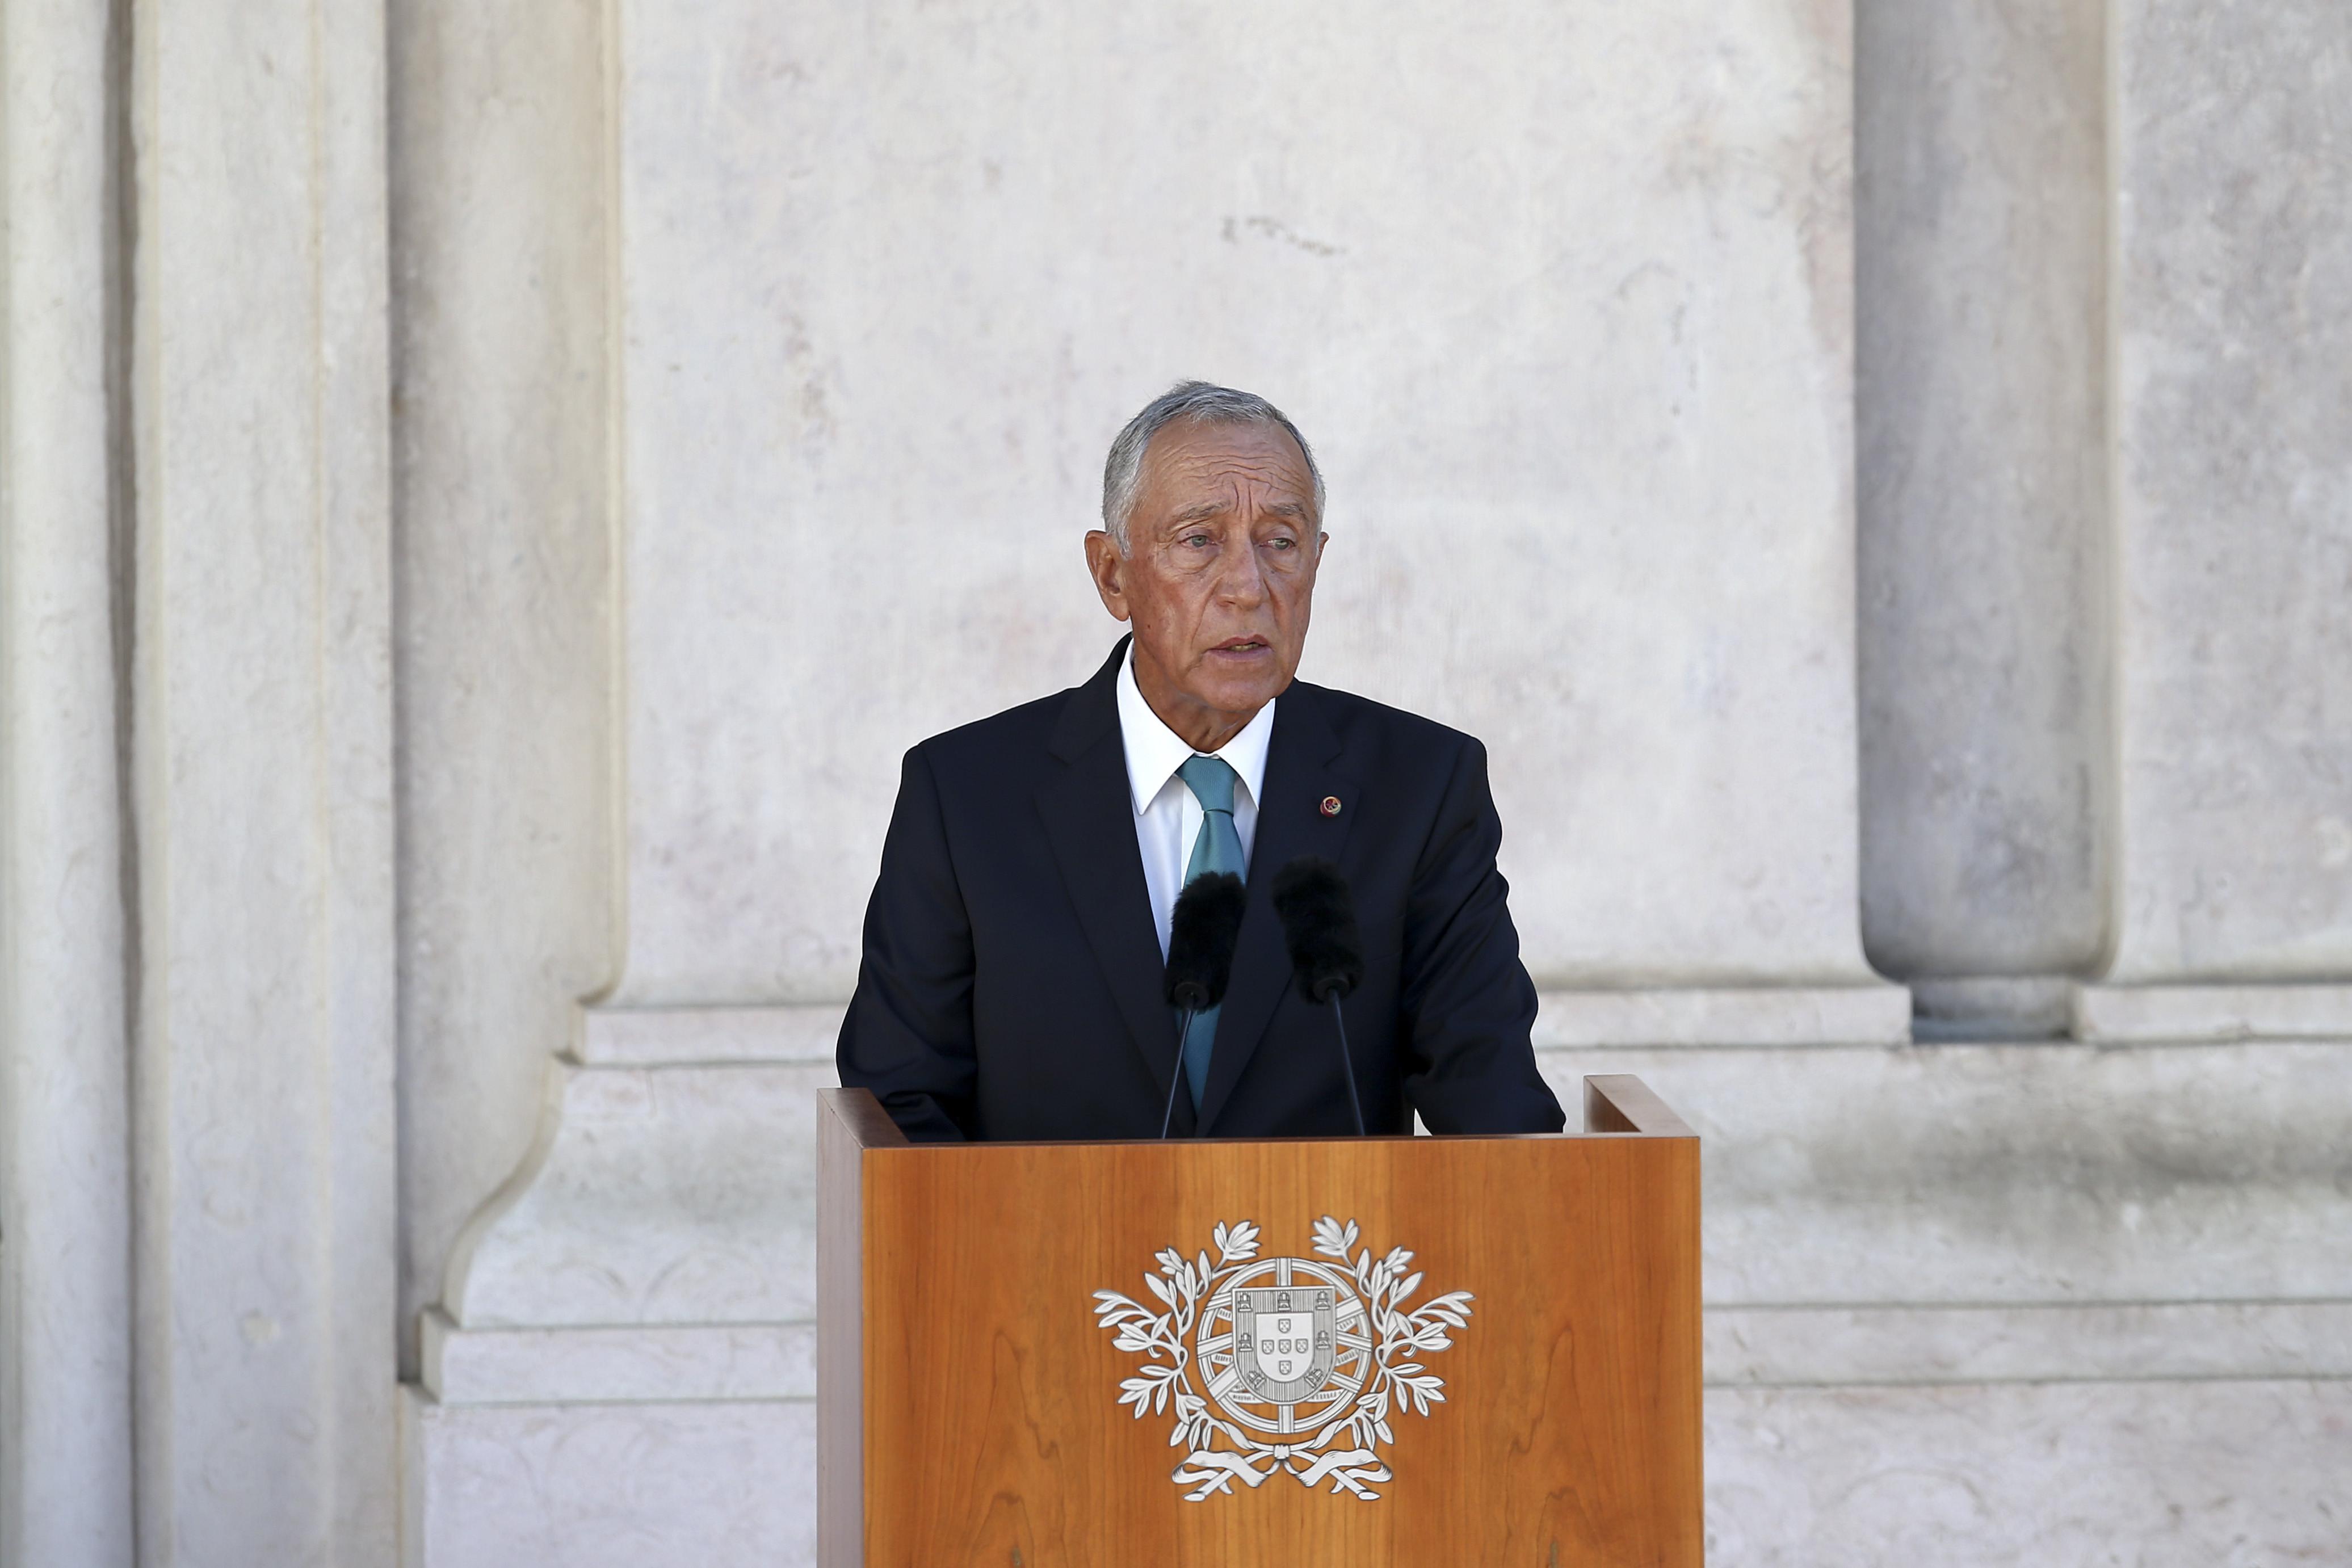 Marcelo discursa hoje no 108.º aniversário da Implantação da República